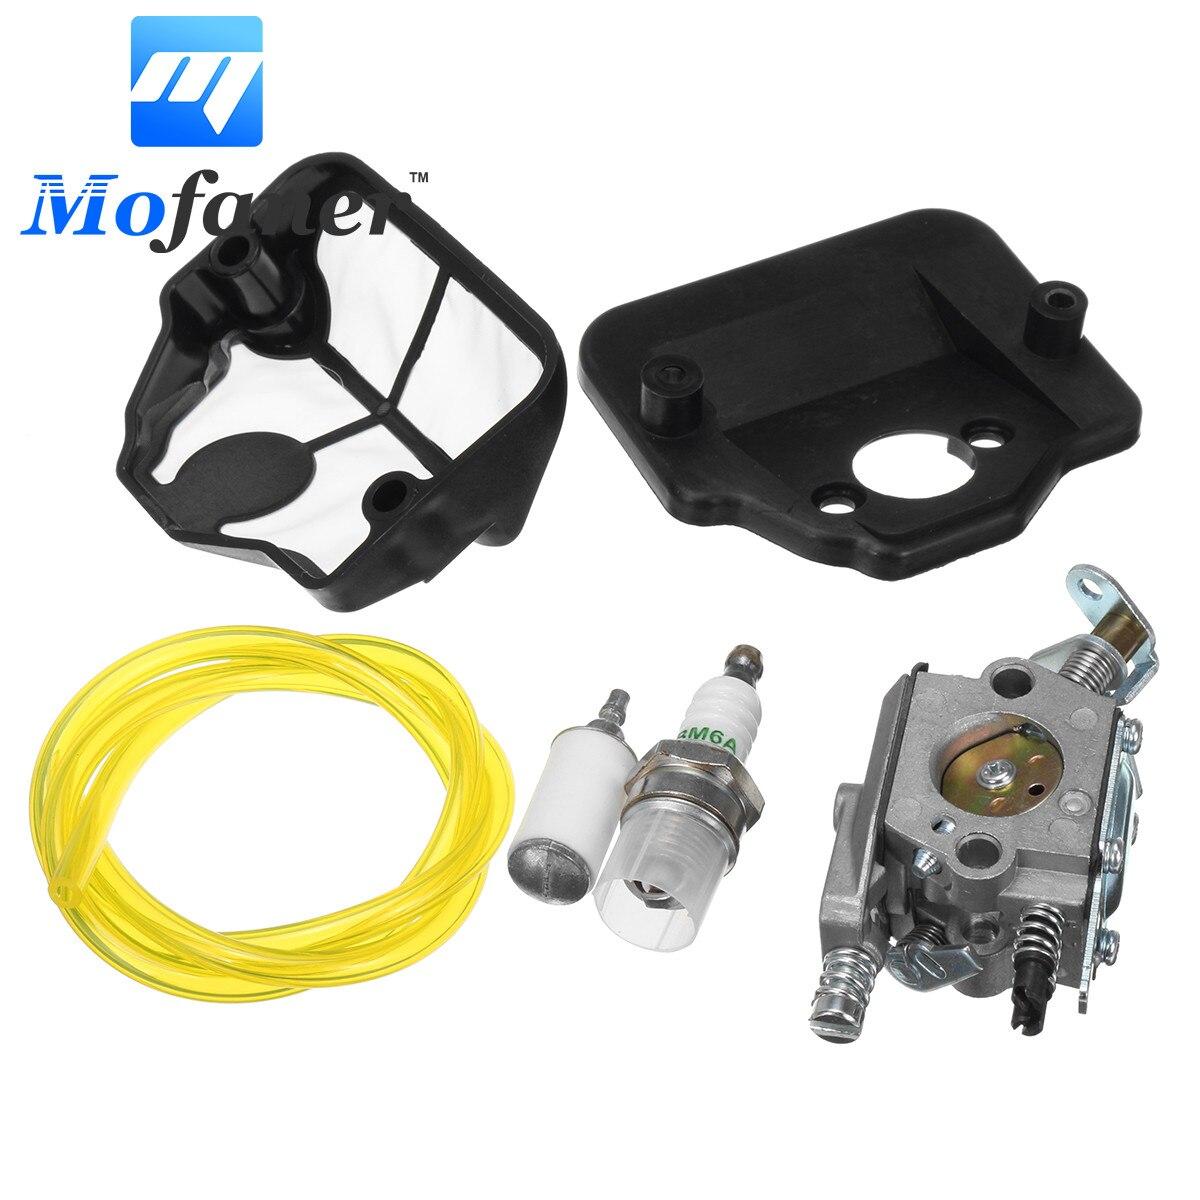 Moto Carburateur Carb Kit Pour Husqvarna 36 41 136 137 141 142 Tronçonneuse Zama C1Q-W29E